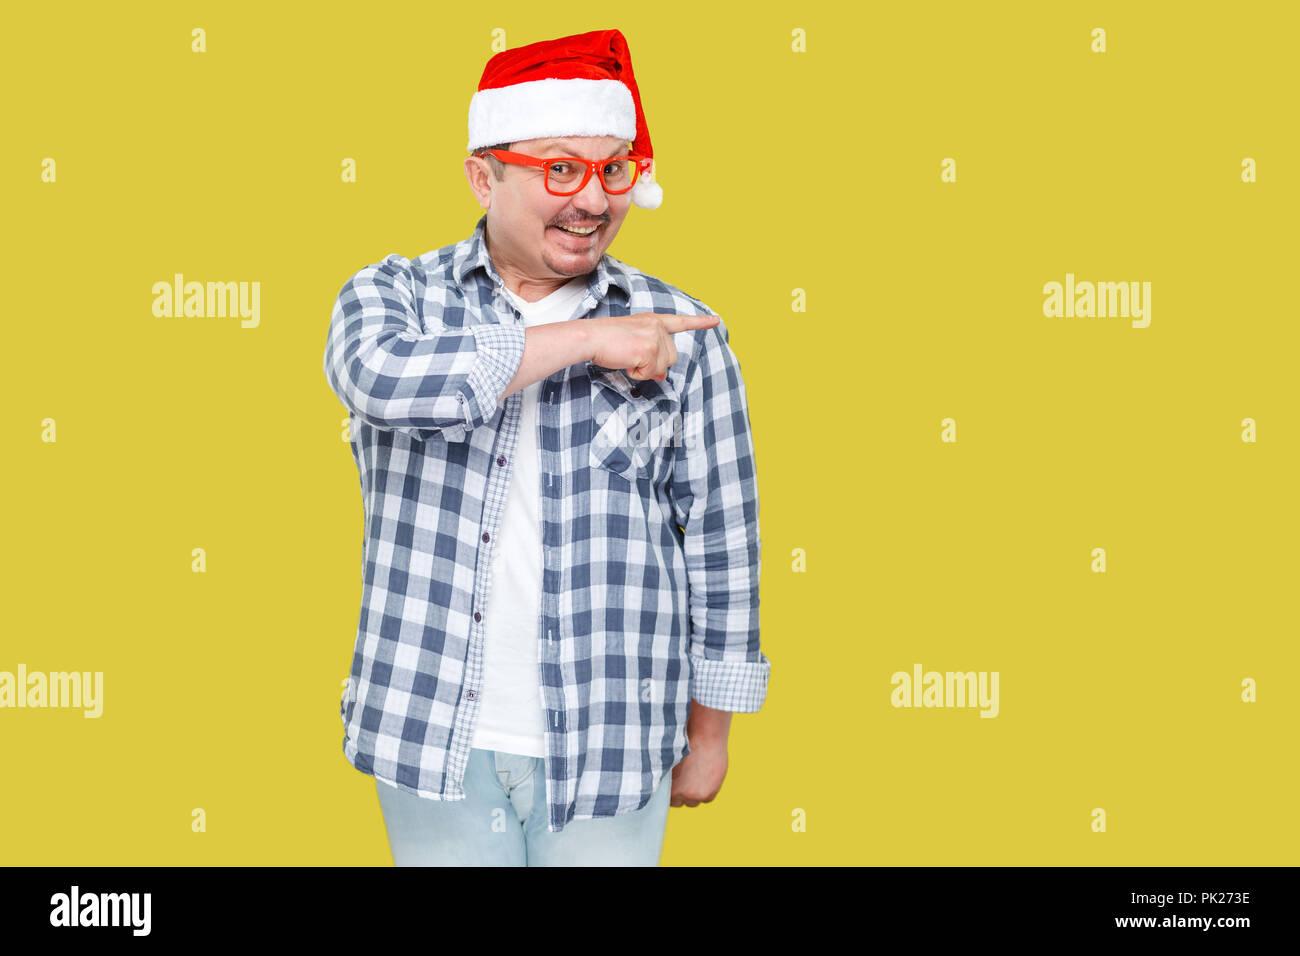 economico per lo sconto 61ced 53076 Positivo uomo di mezza età in cappuccio rosso, occhiali e ...